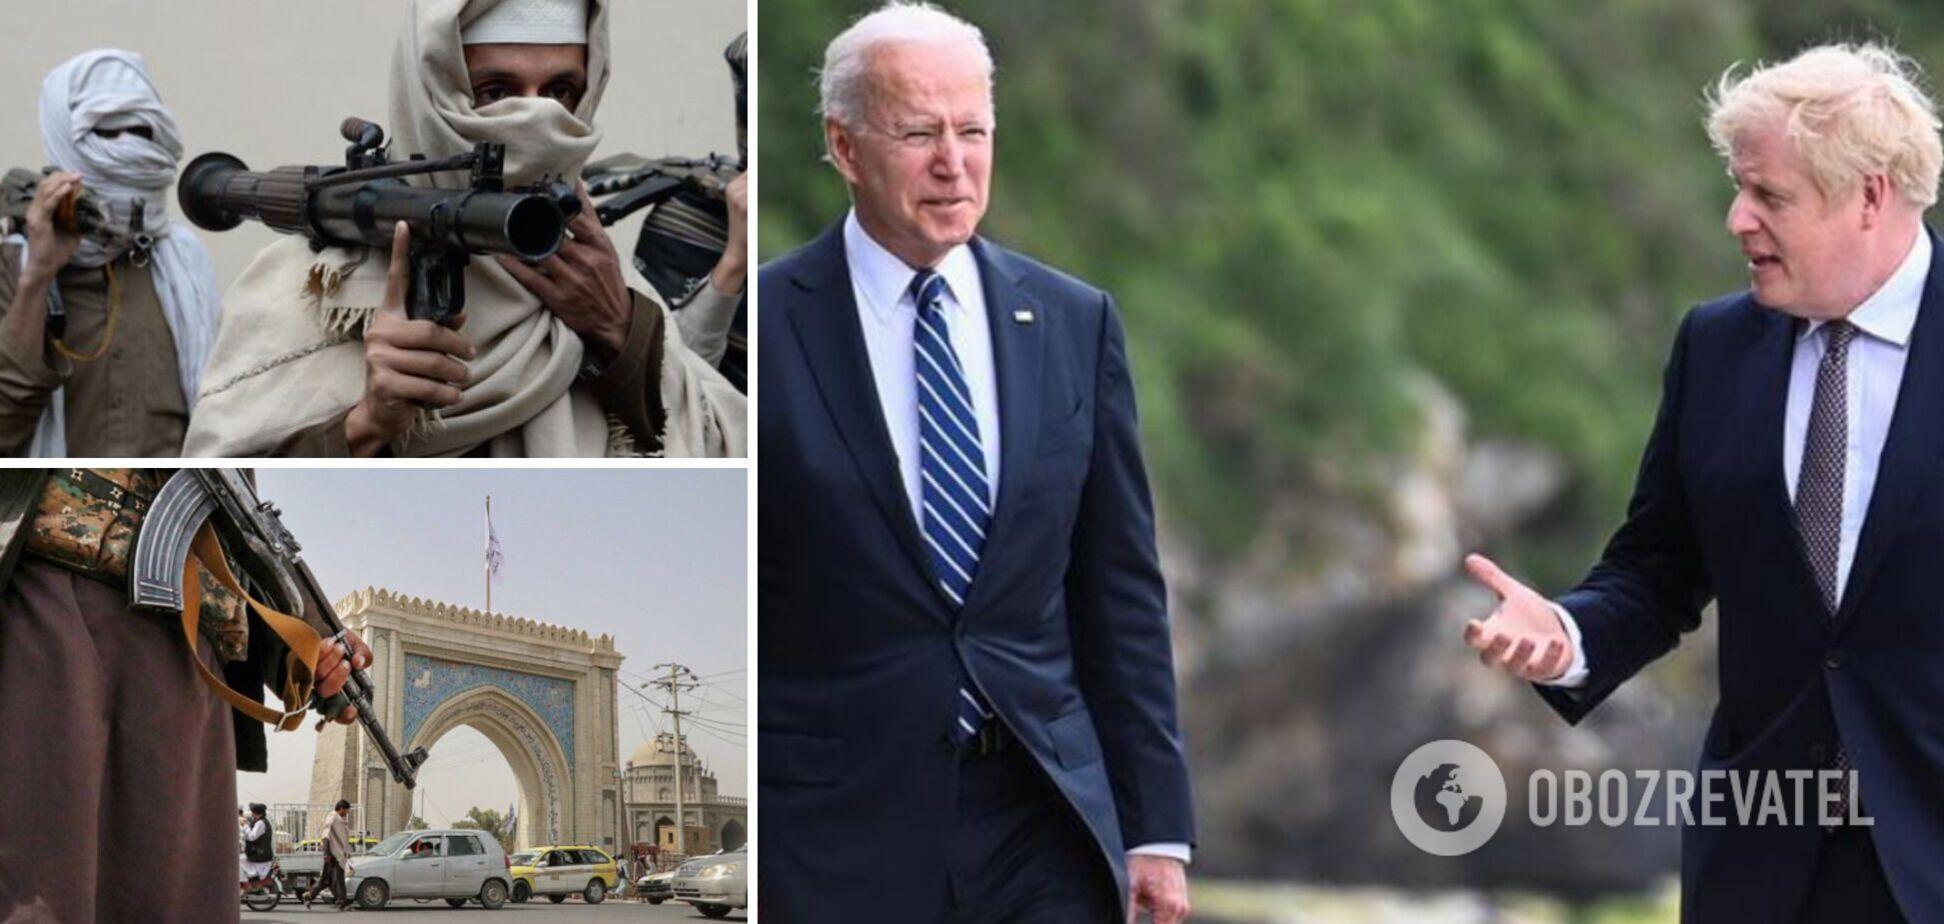 Байден и Джонсон согласовали проведение онлайн-саммита G7 из-за событий в Афганистане